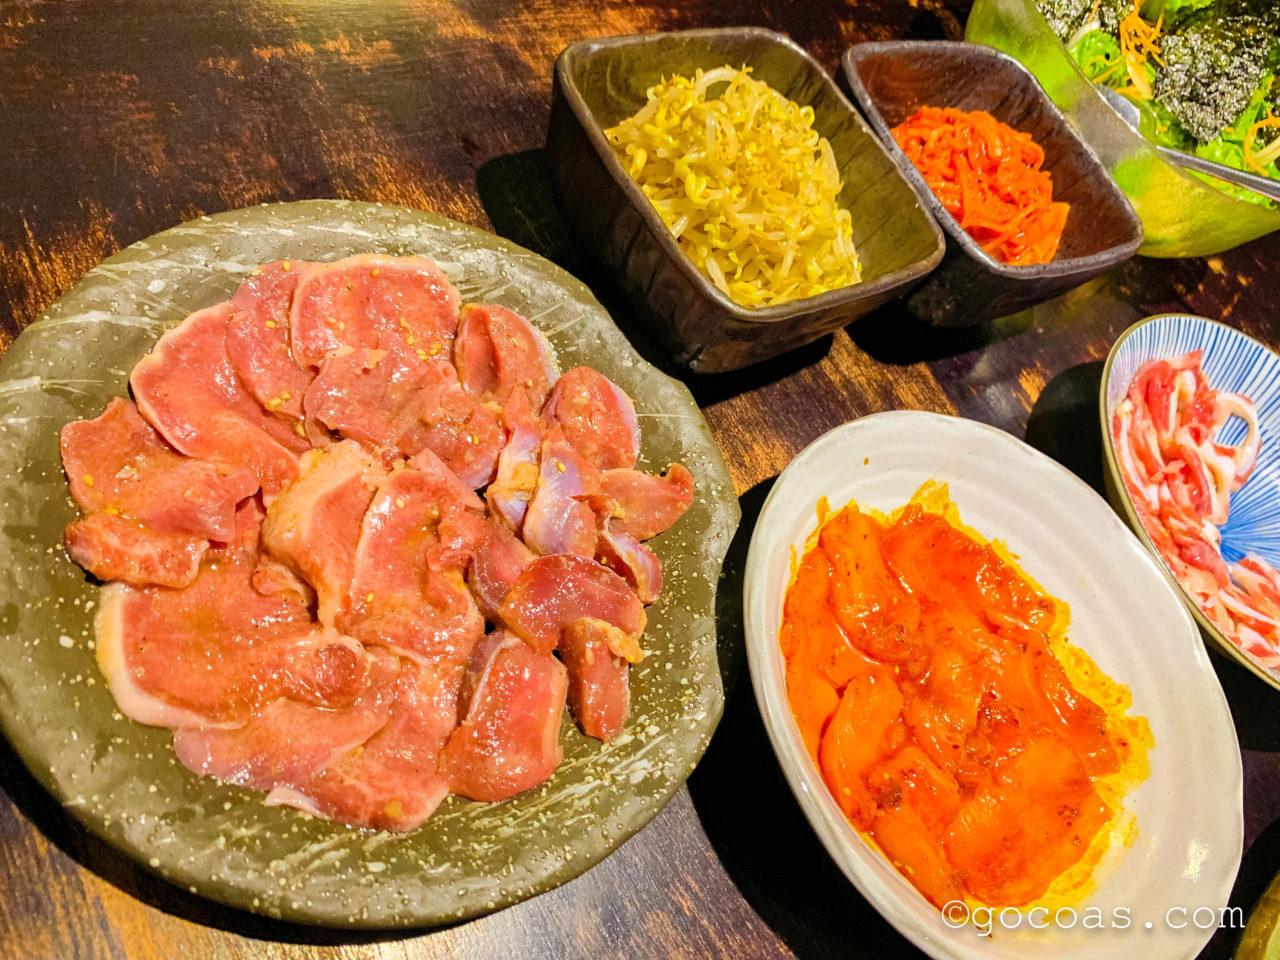 焼肉KAZUの砂肝やもやしナムルなど美味しそうなご飯